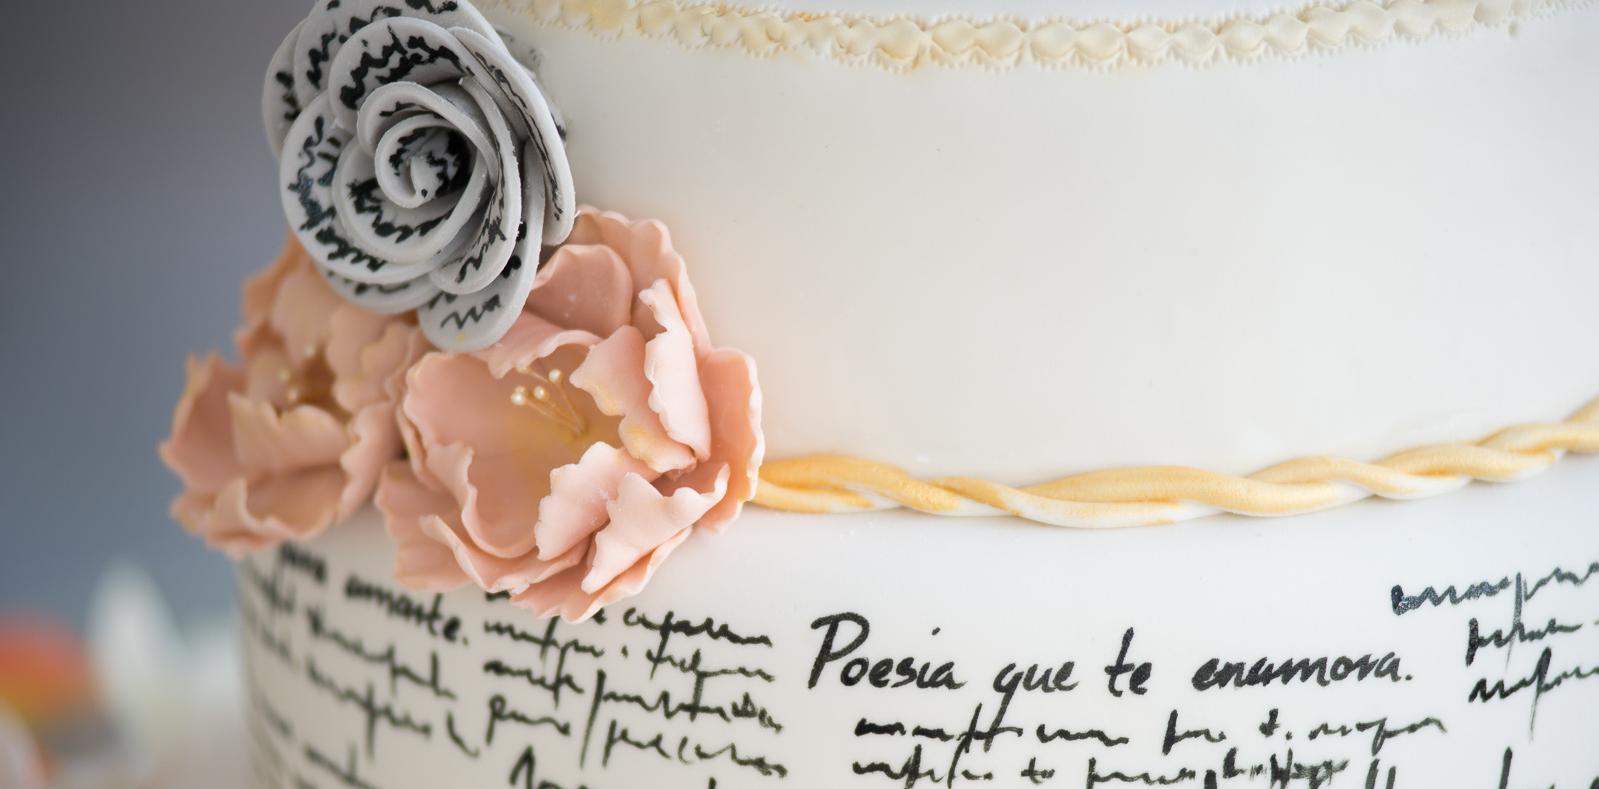 bodas-estilo-libre-sin-tema-cuba-6972.jpg